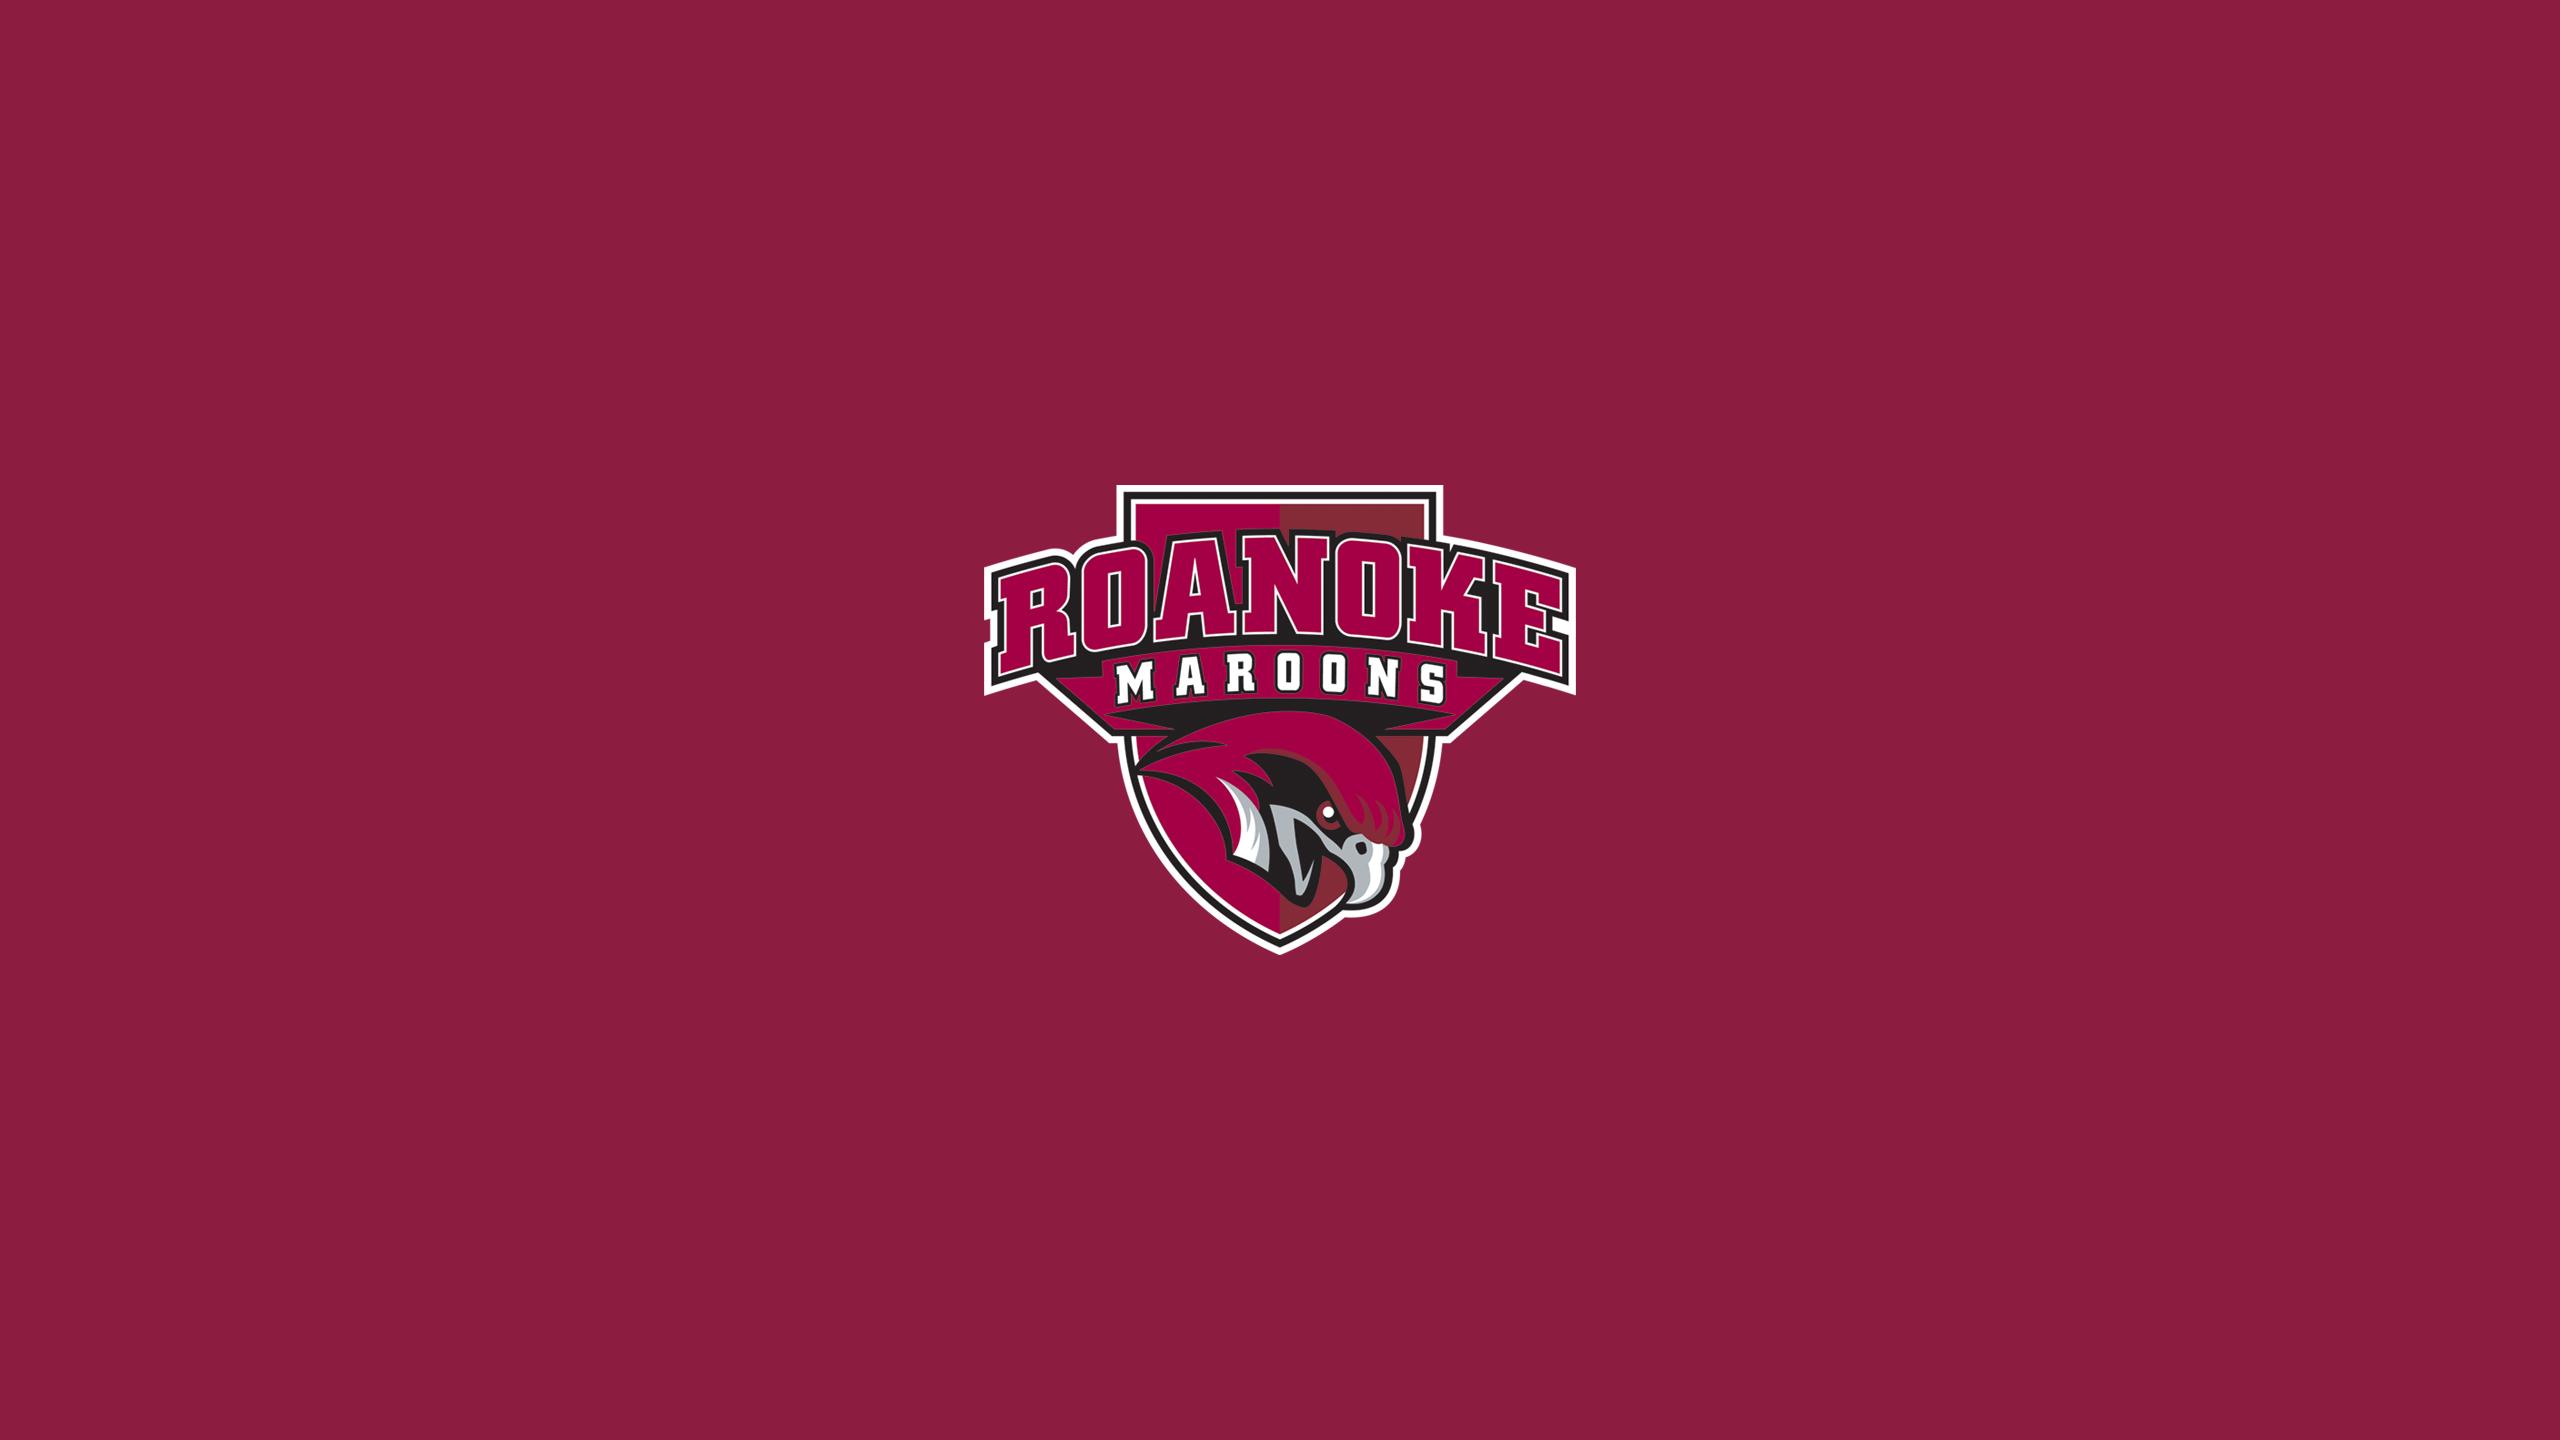 Roanoke (VA) College Maroons